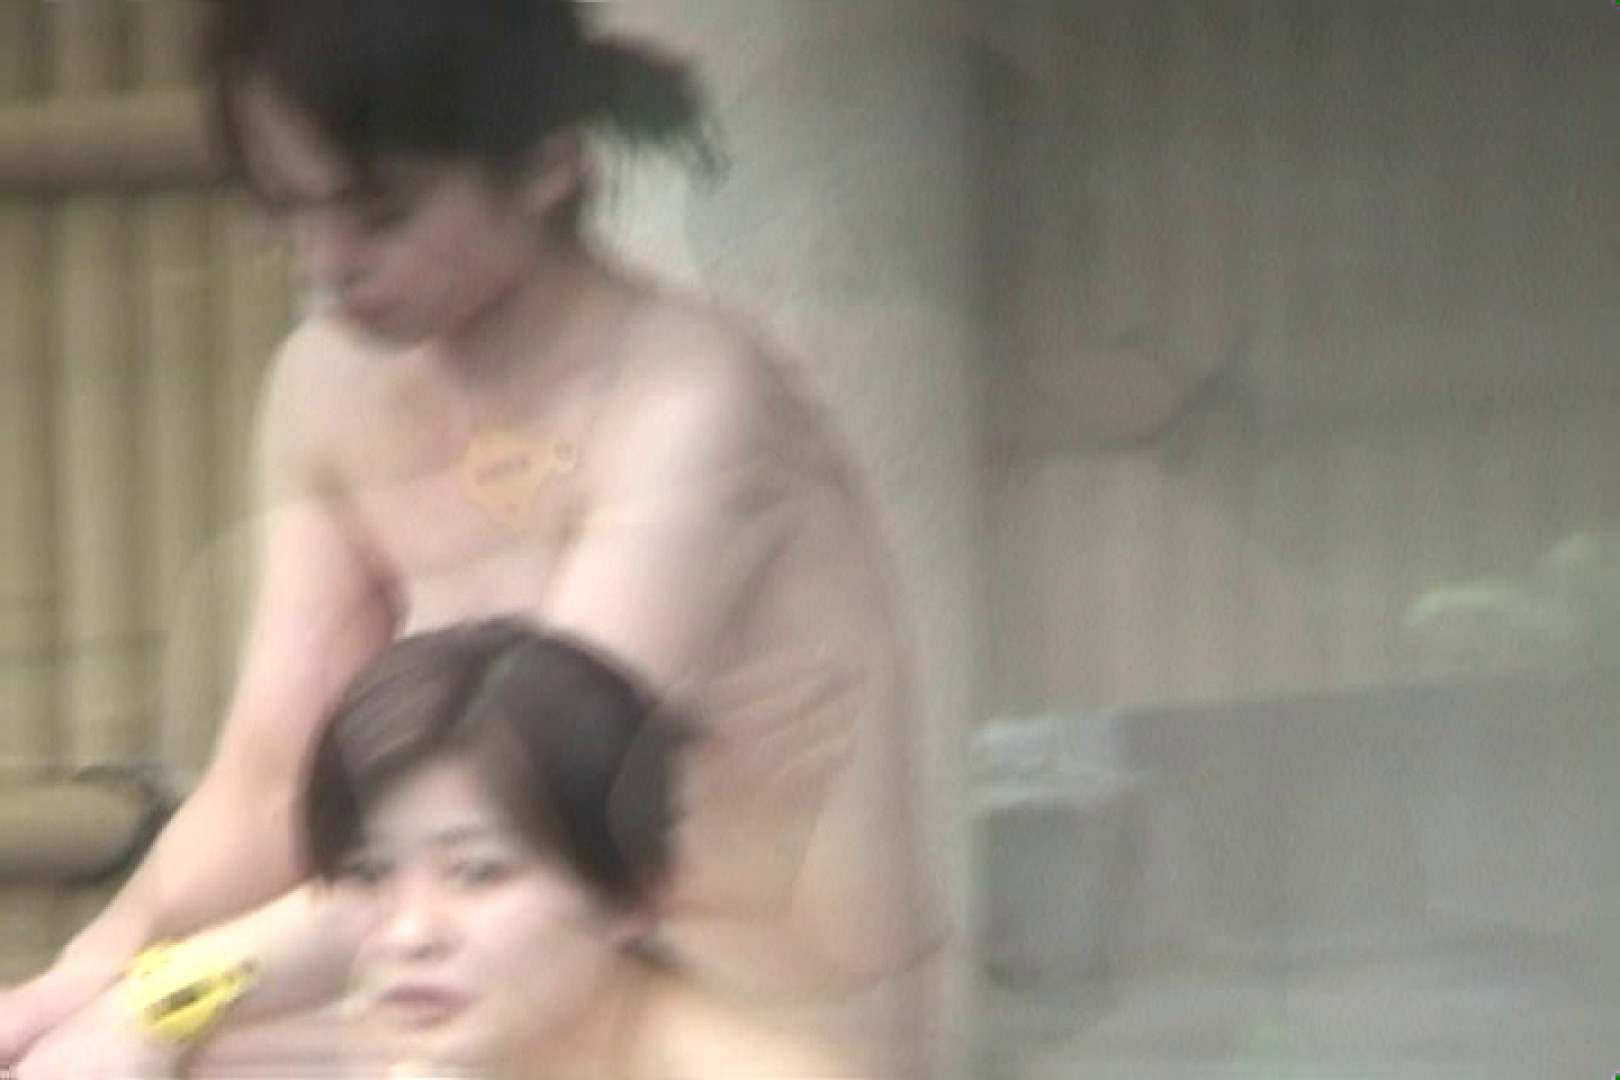 Aquaな露天風呂Vol.558 露天風呂  11枚 10